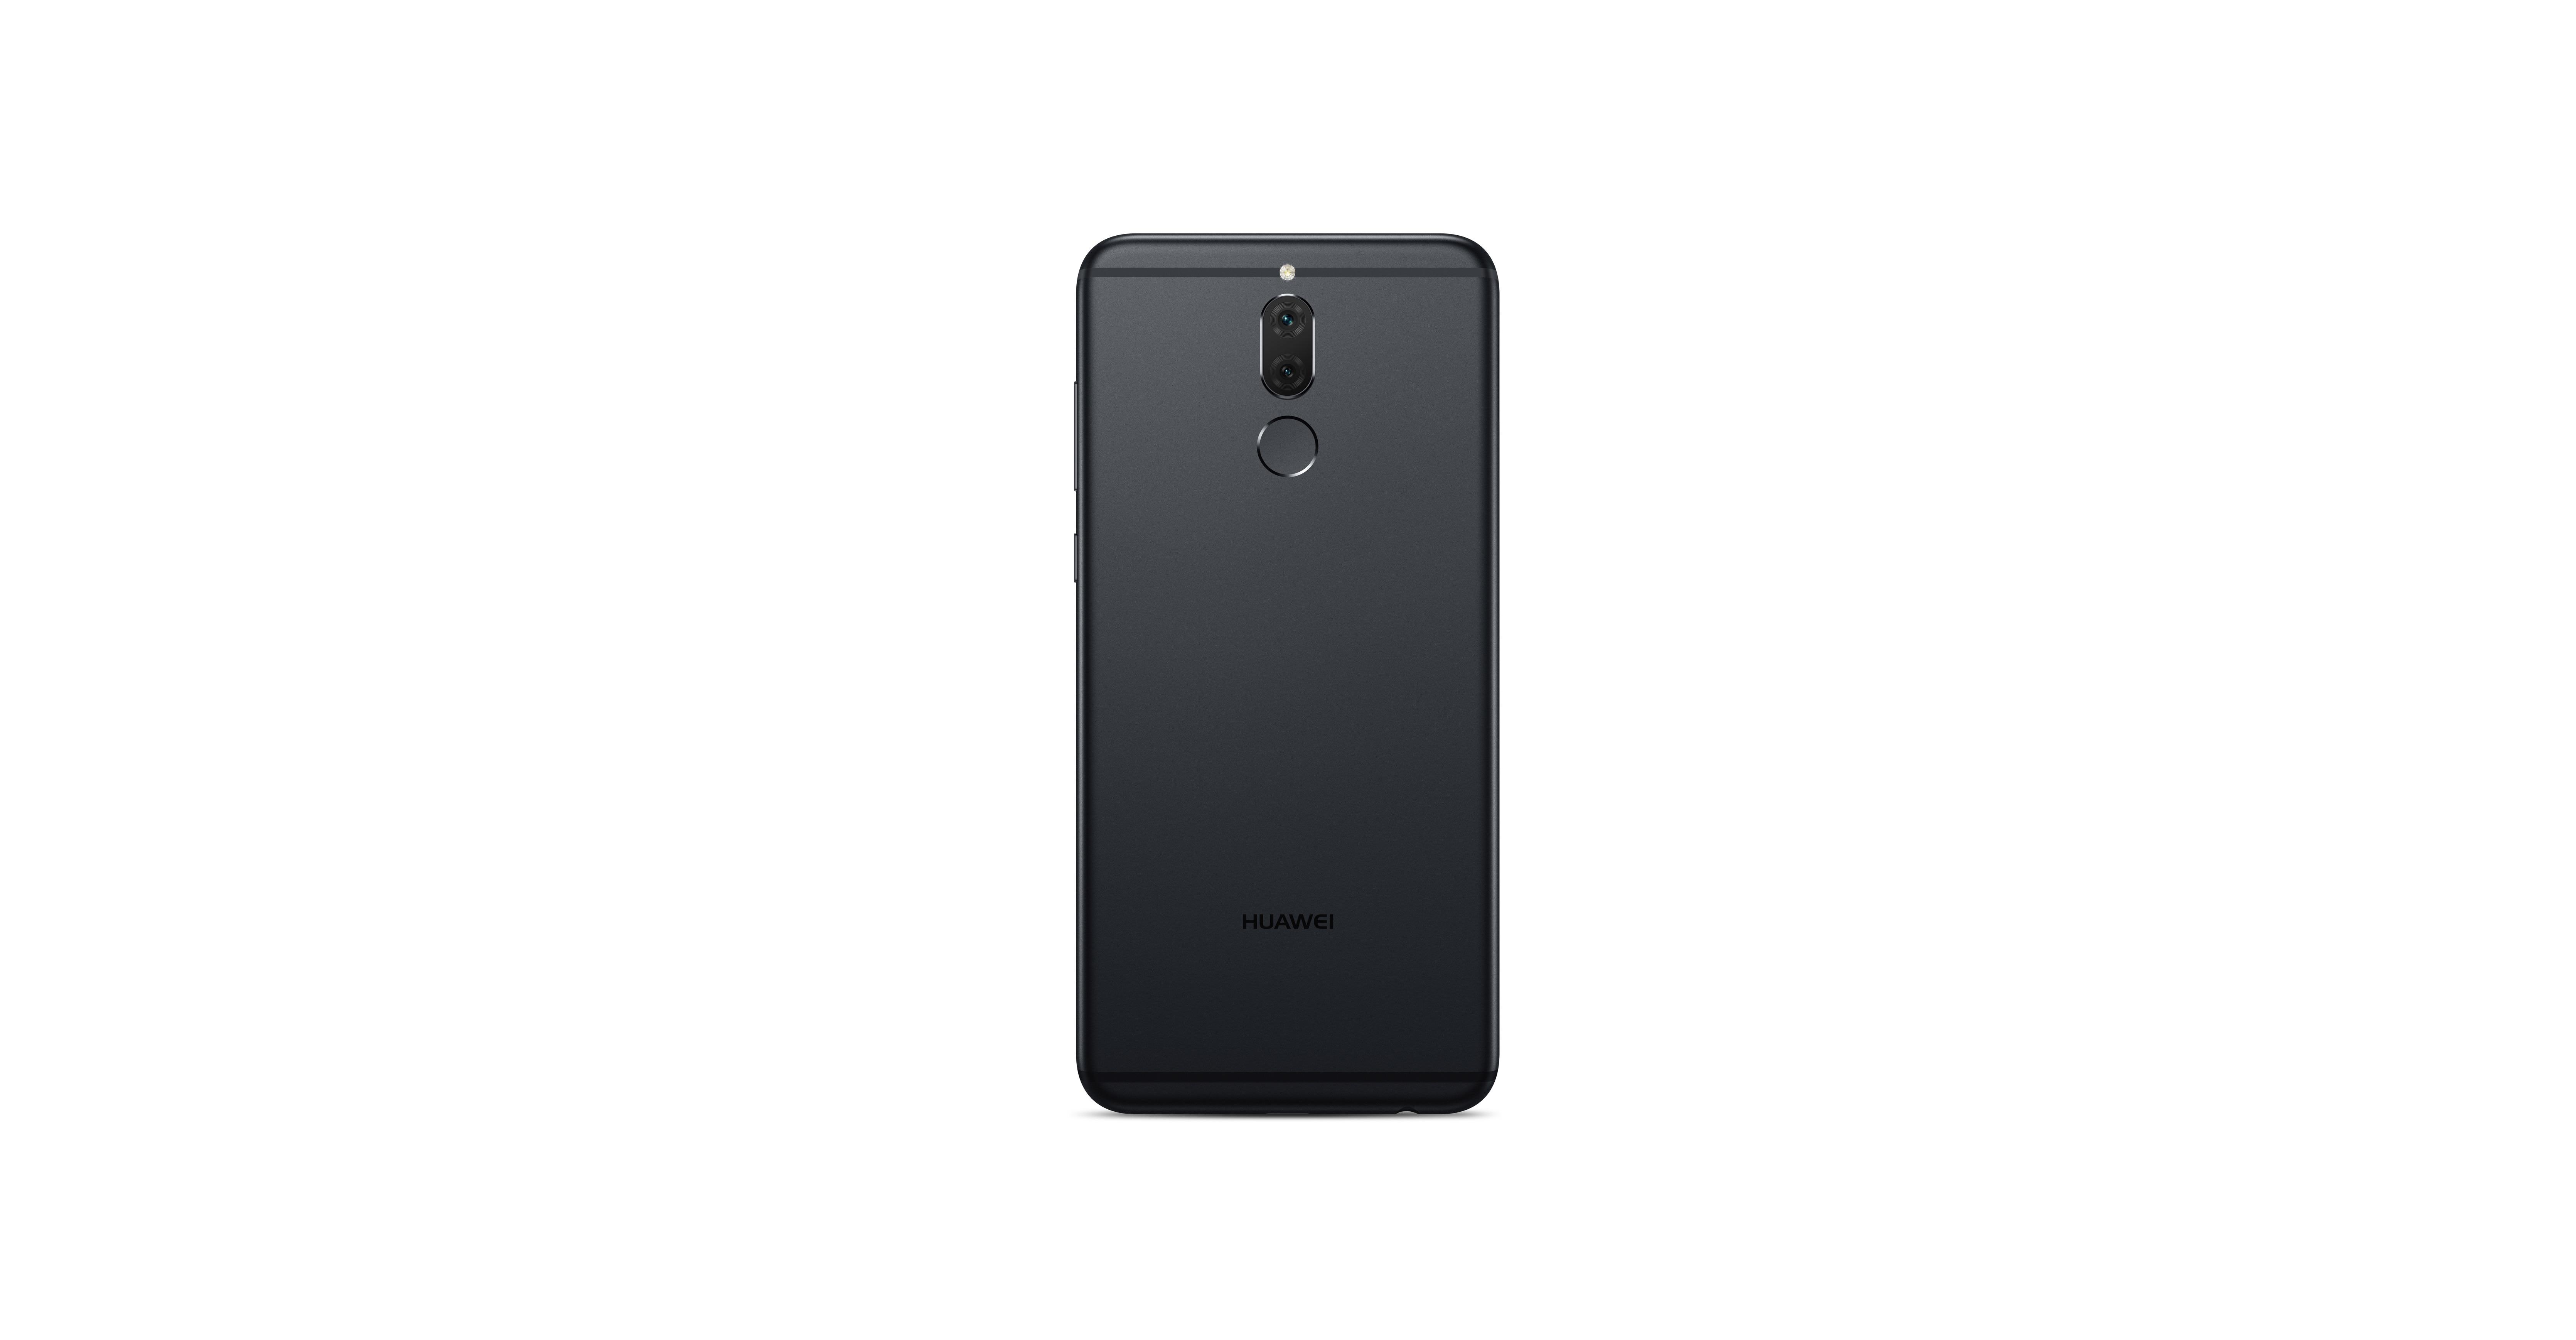 Huawei-Nova-2i-Launch-Event-SpecPhone-00020